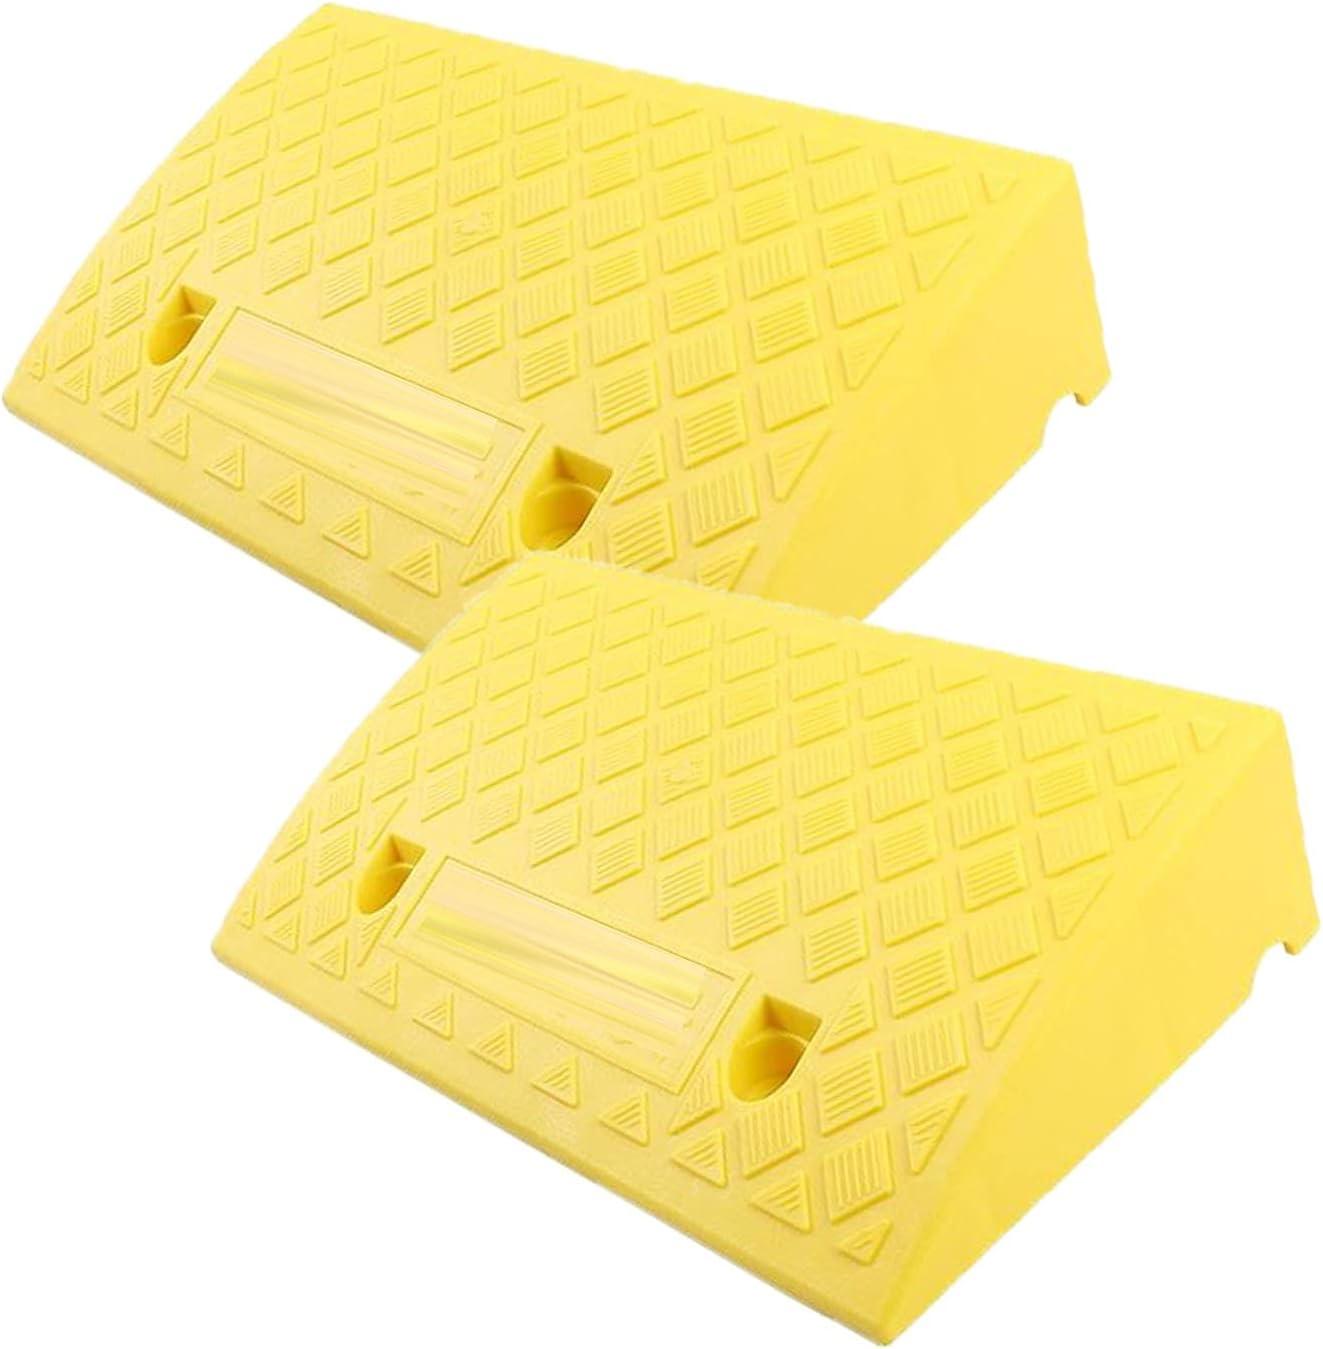 LIPINCMX 2PCS Rampas de acera Rampas de acera Rampas de umbral de plástico, Rampa de Puerta Ligera portátil Exterior para sillas de Ruedas